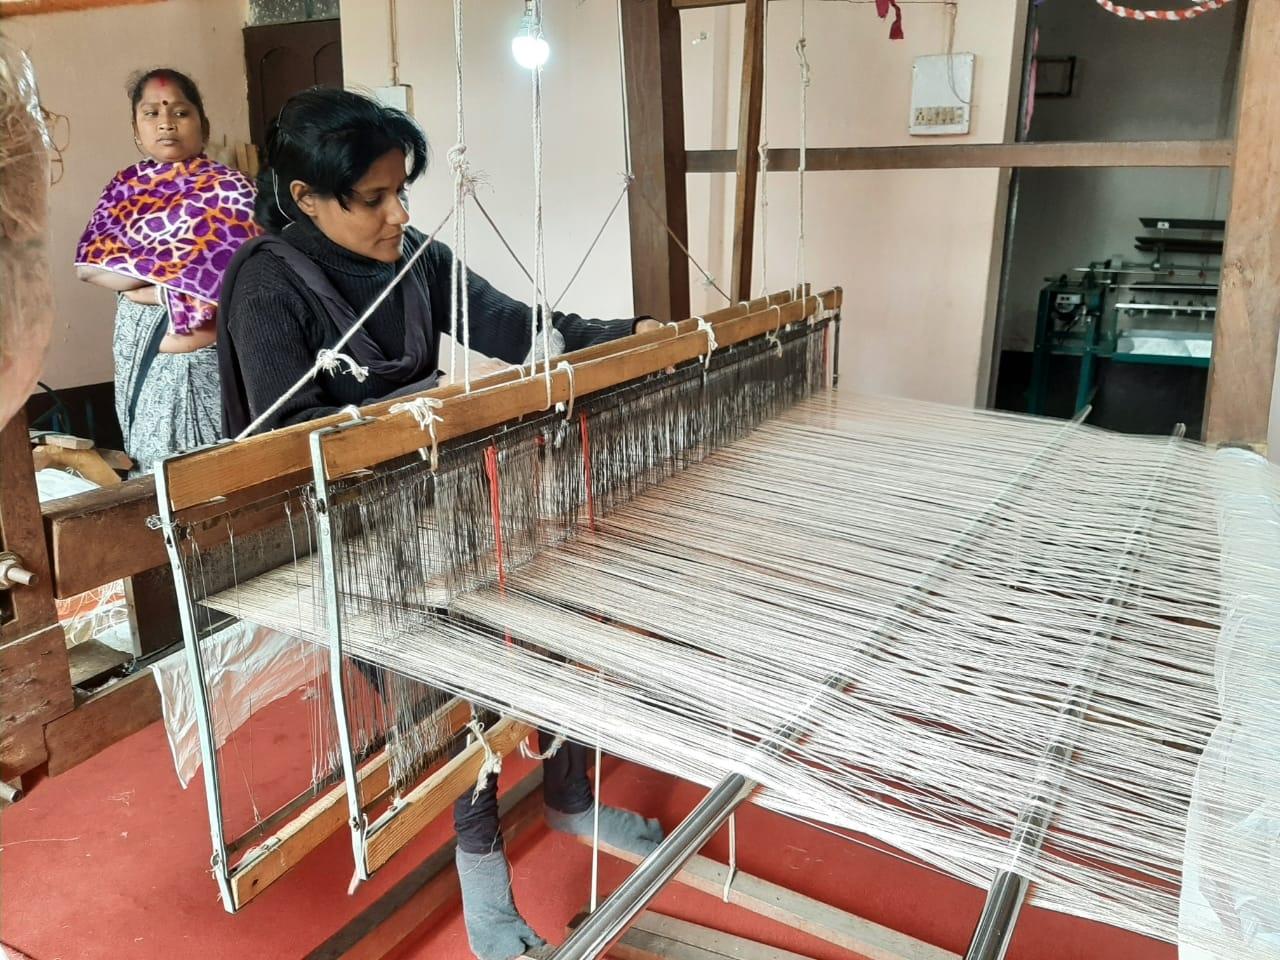 <p>दुमका प्रवास के दौरान मुख्यमंत्री हेमन्त सोरेन ने मयूराक्षी सिल्क उत्पाद का अवलोकन किया था। मुख्यमंत्री ने जिला प्रशासन को निर्देश दिया है कि सिल्क के उत्पादन को प्रोत्साहन देने…